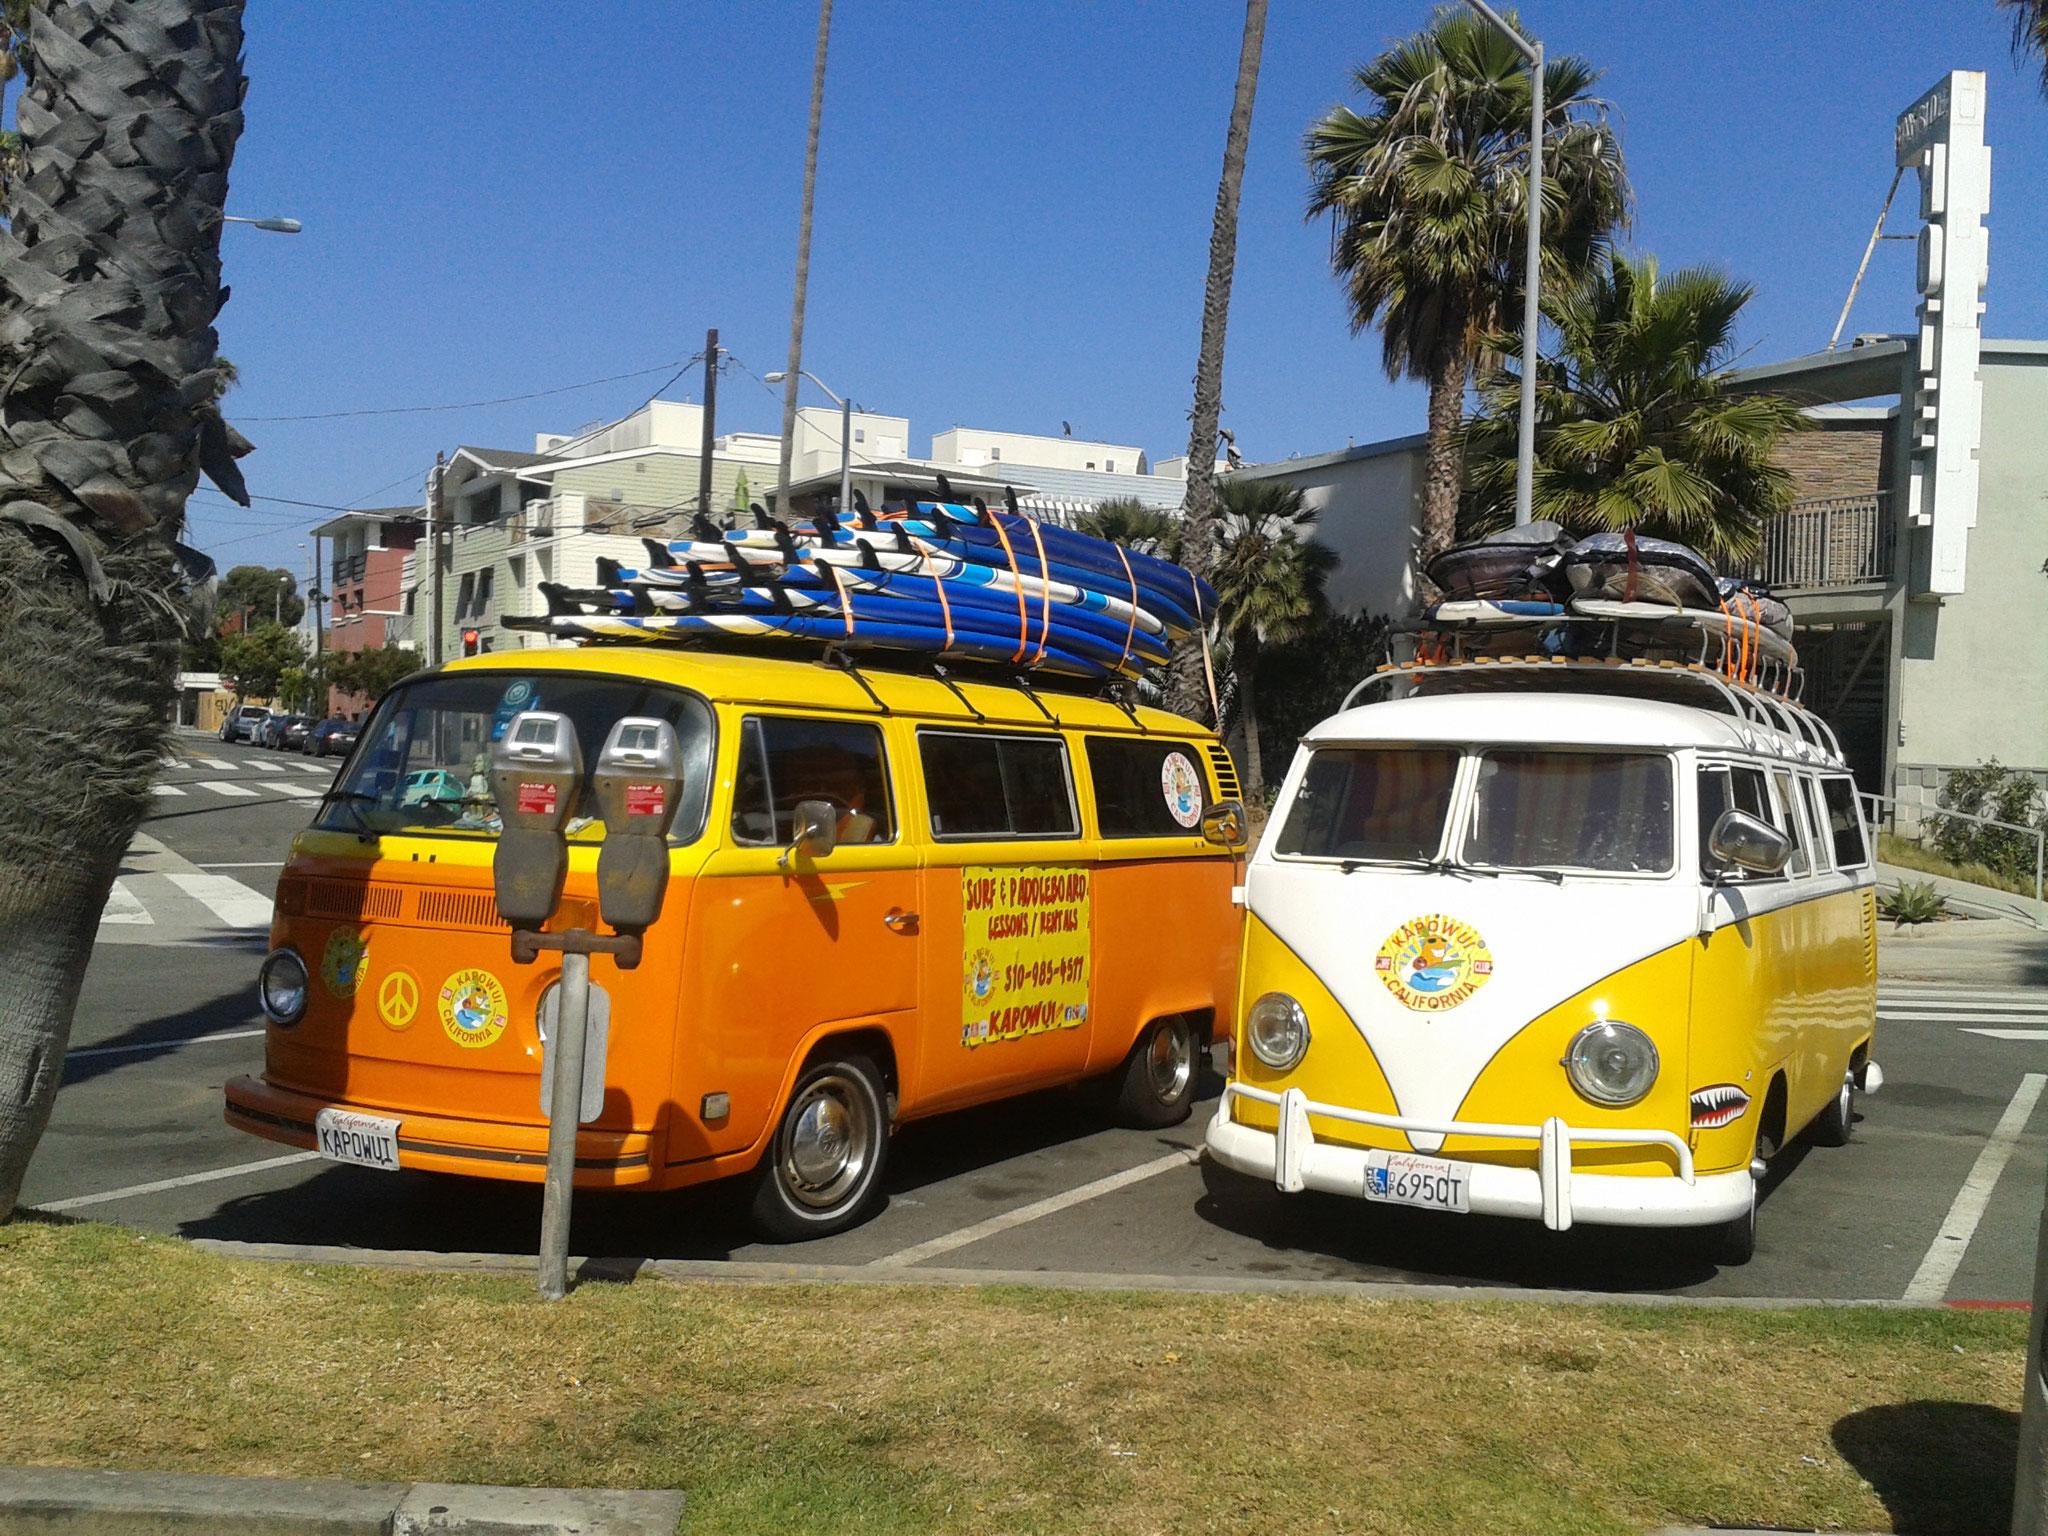 Combi Surf à Santa Monica